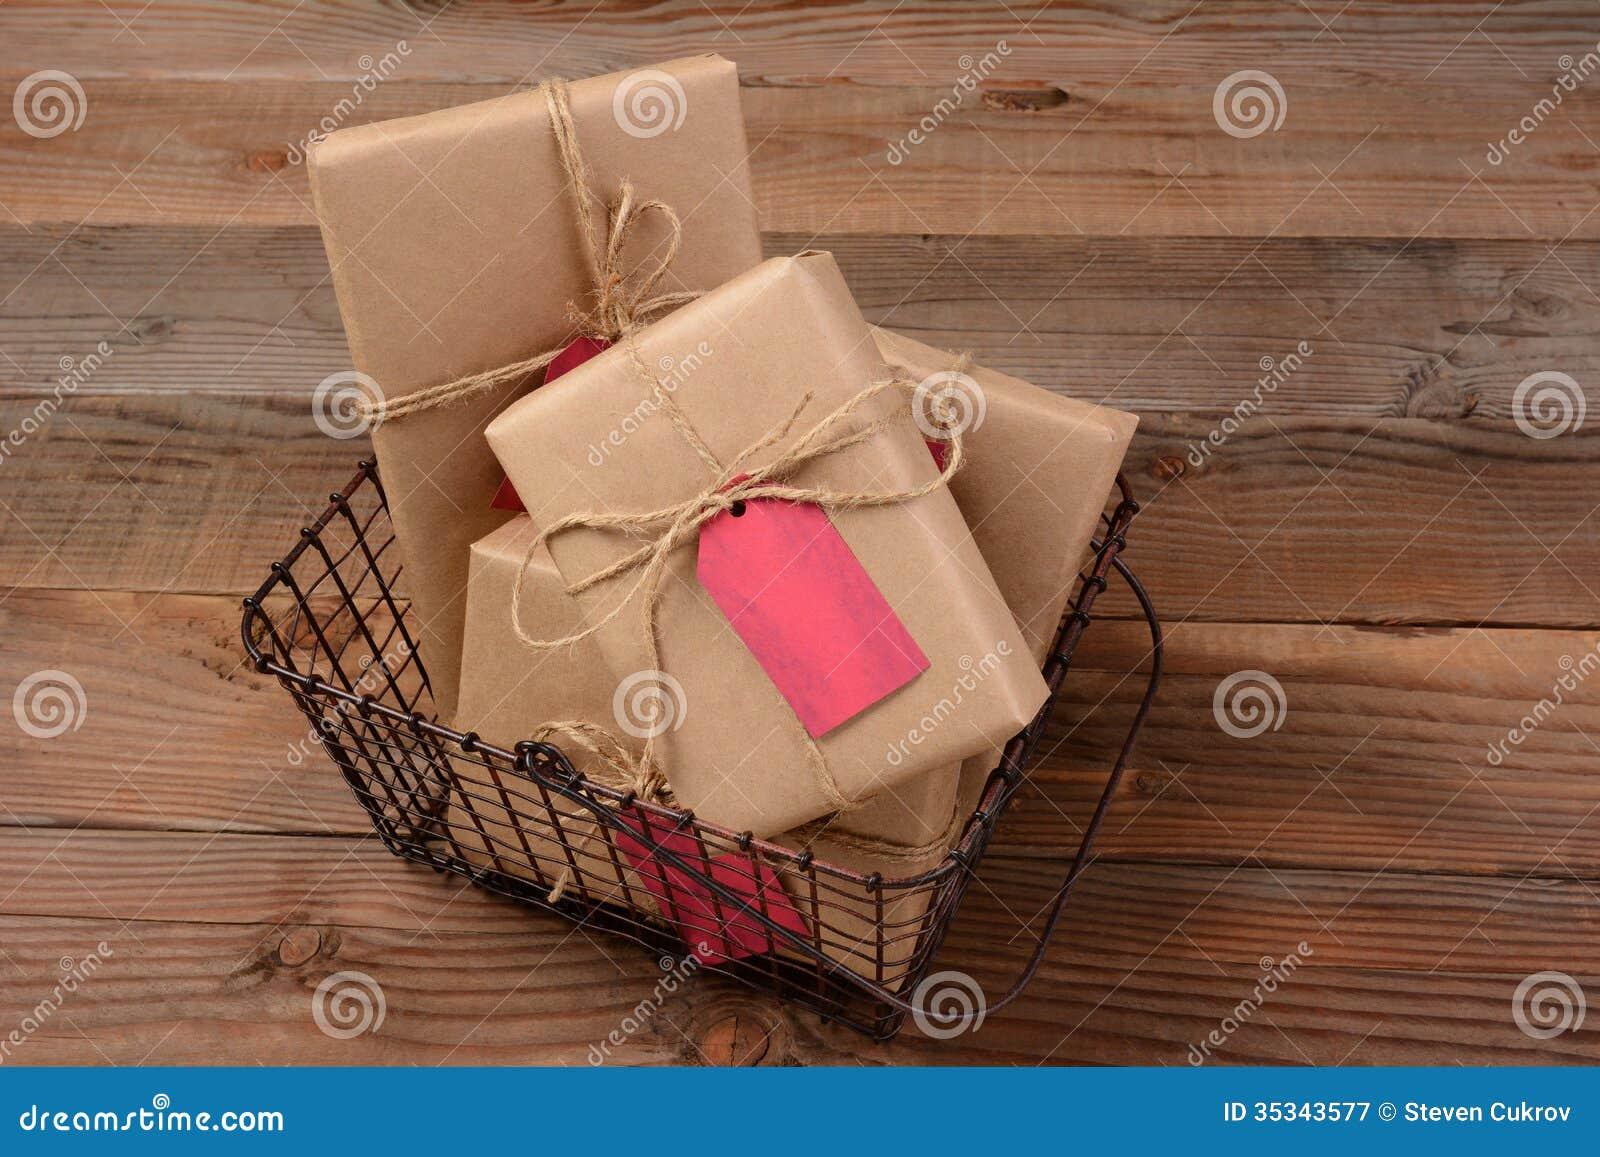 Weihnachtsgeschenke Im Draht-Korb Stockbild - Bild von paket, post ...